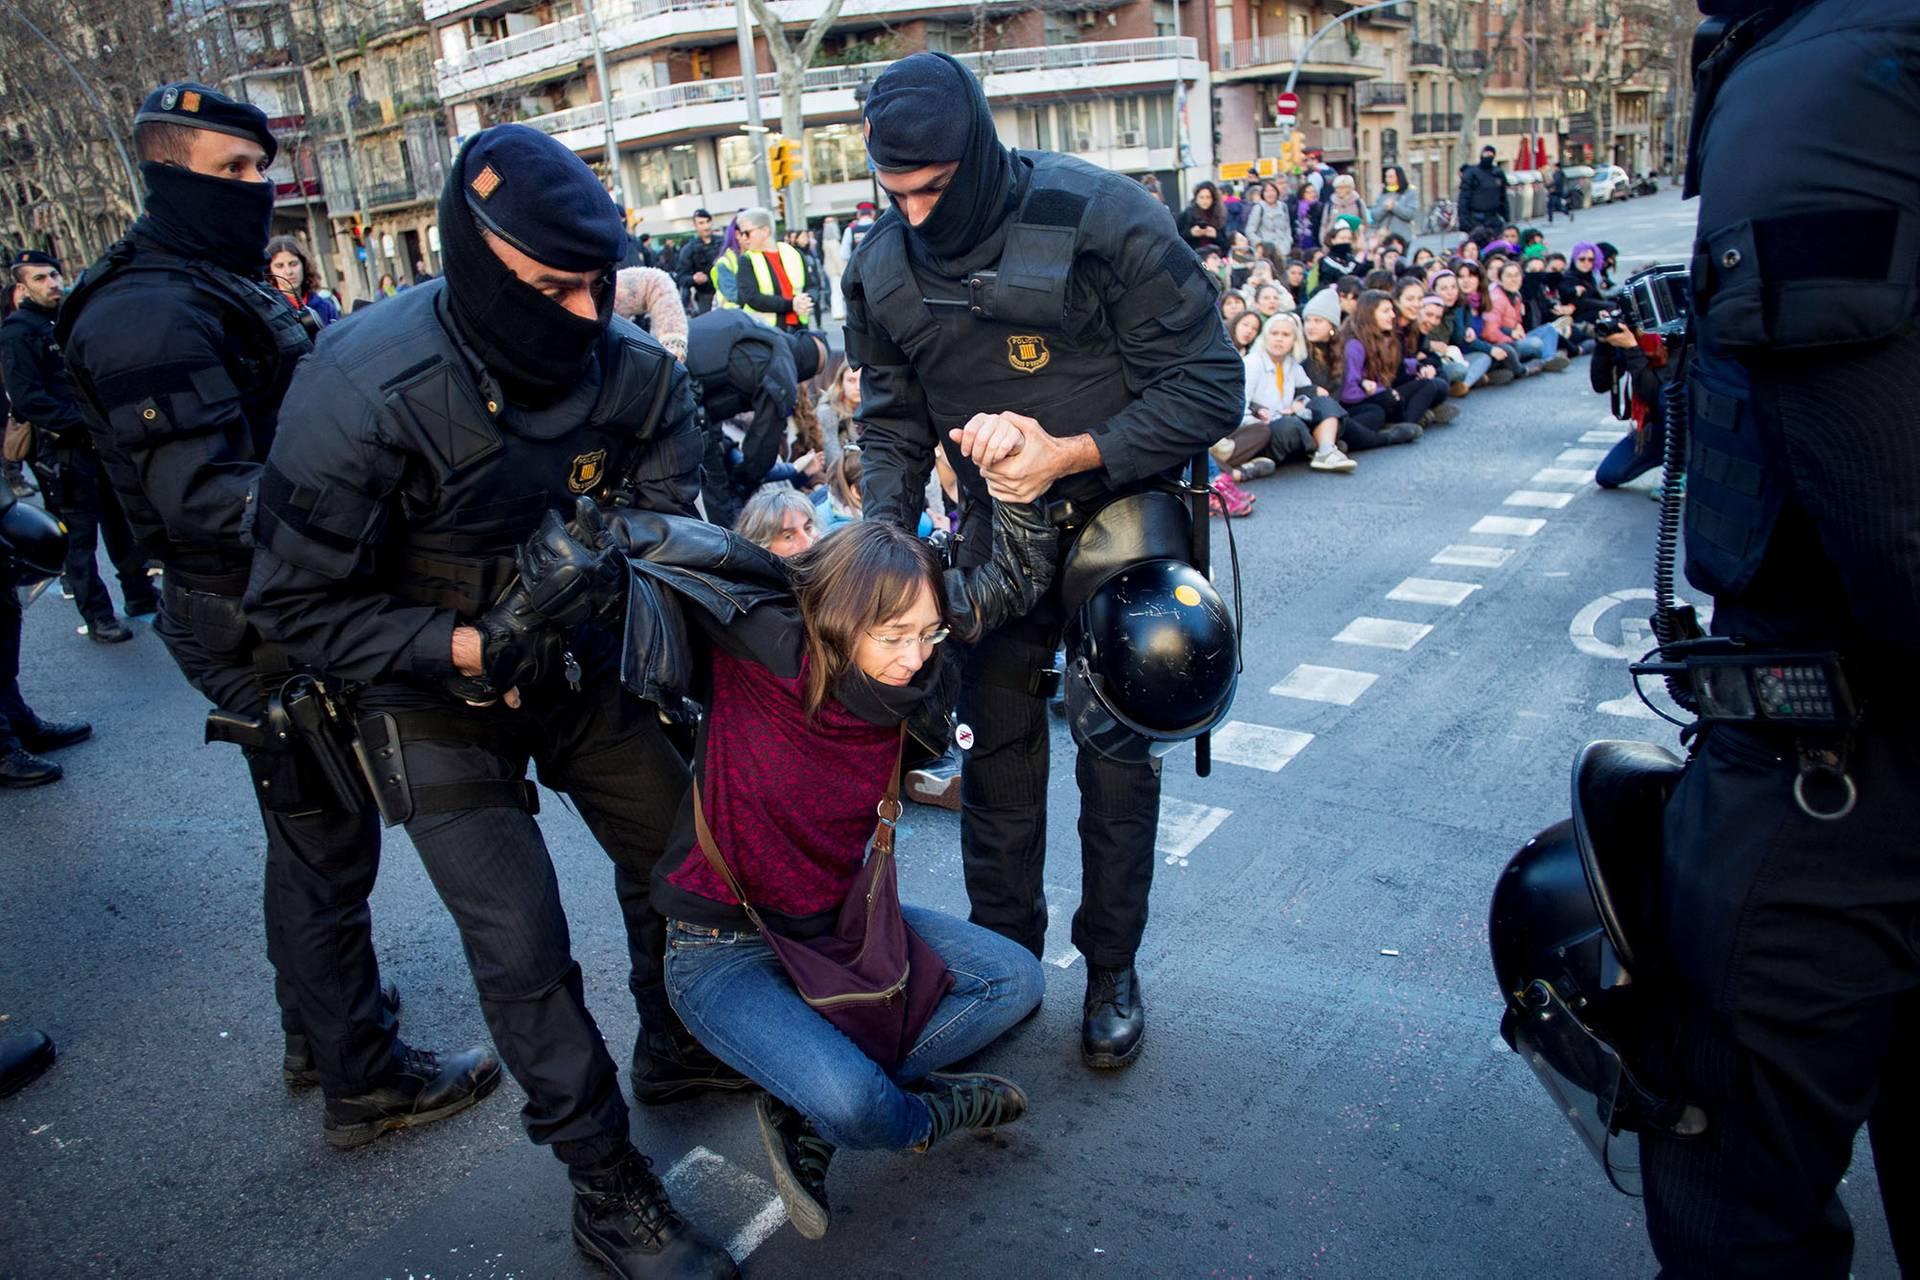 Поліцейські затримують жінку — учасницю акції з нагоди Міжнародного дня захисту прав жінок, які блокують проспект Гран Віа у Барселоні, Іспанія, 8 березня 2019 року